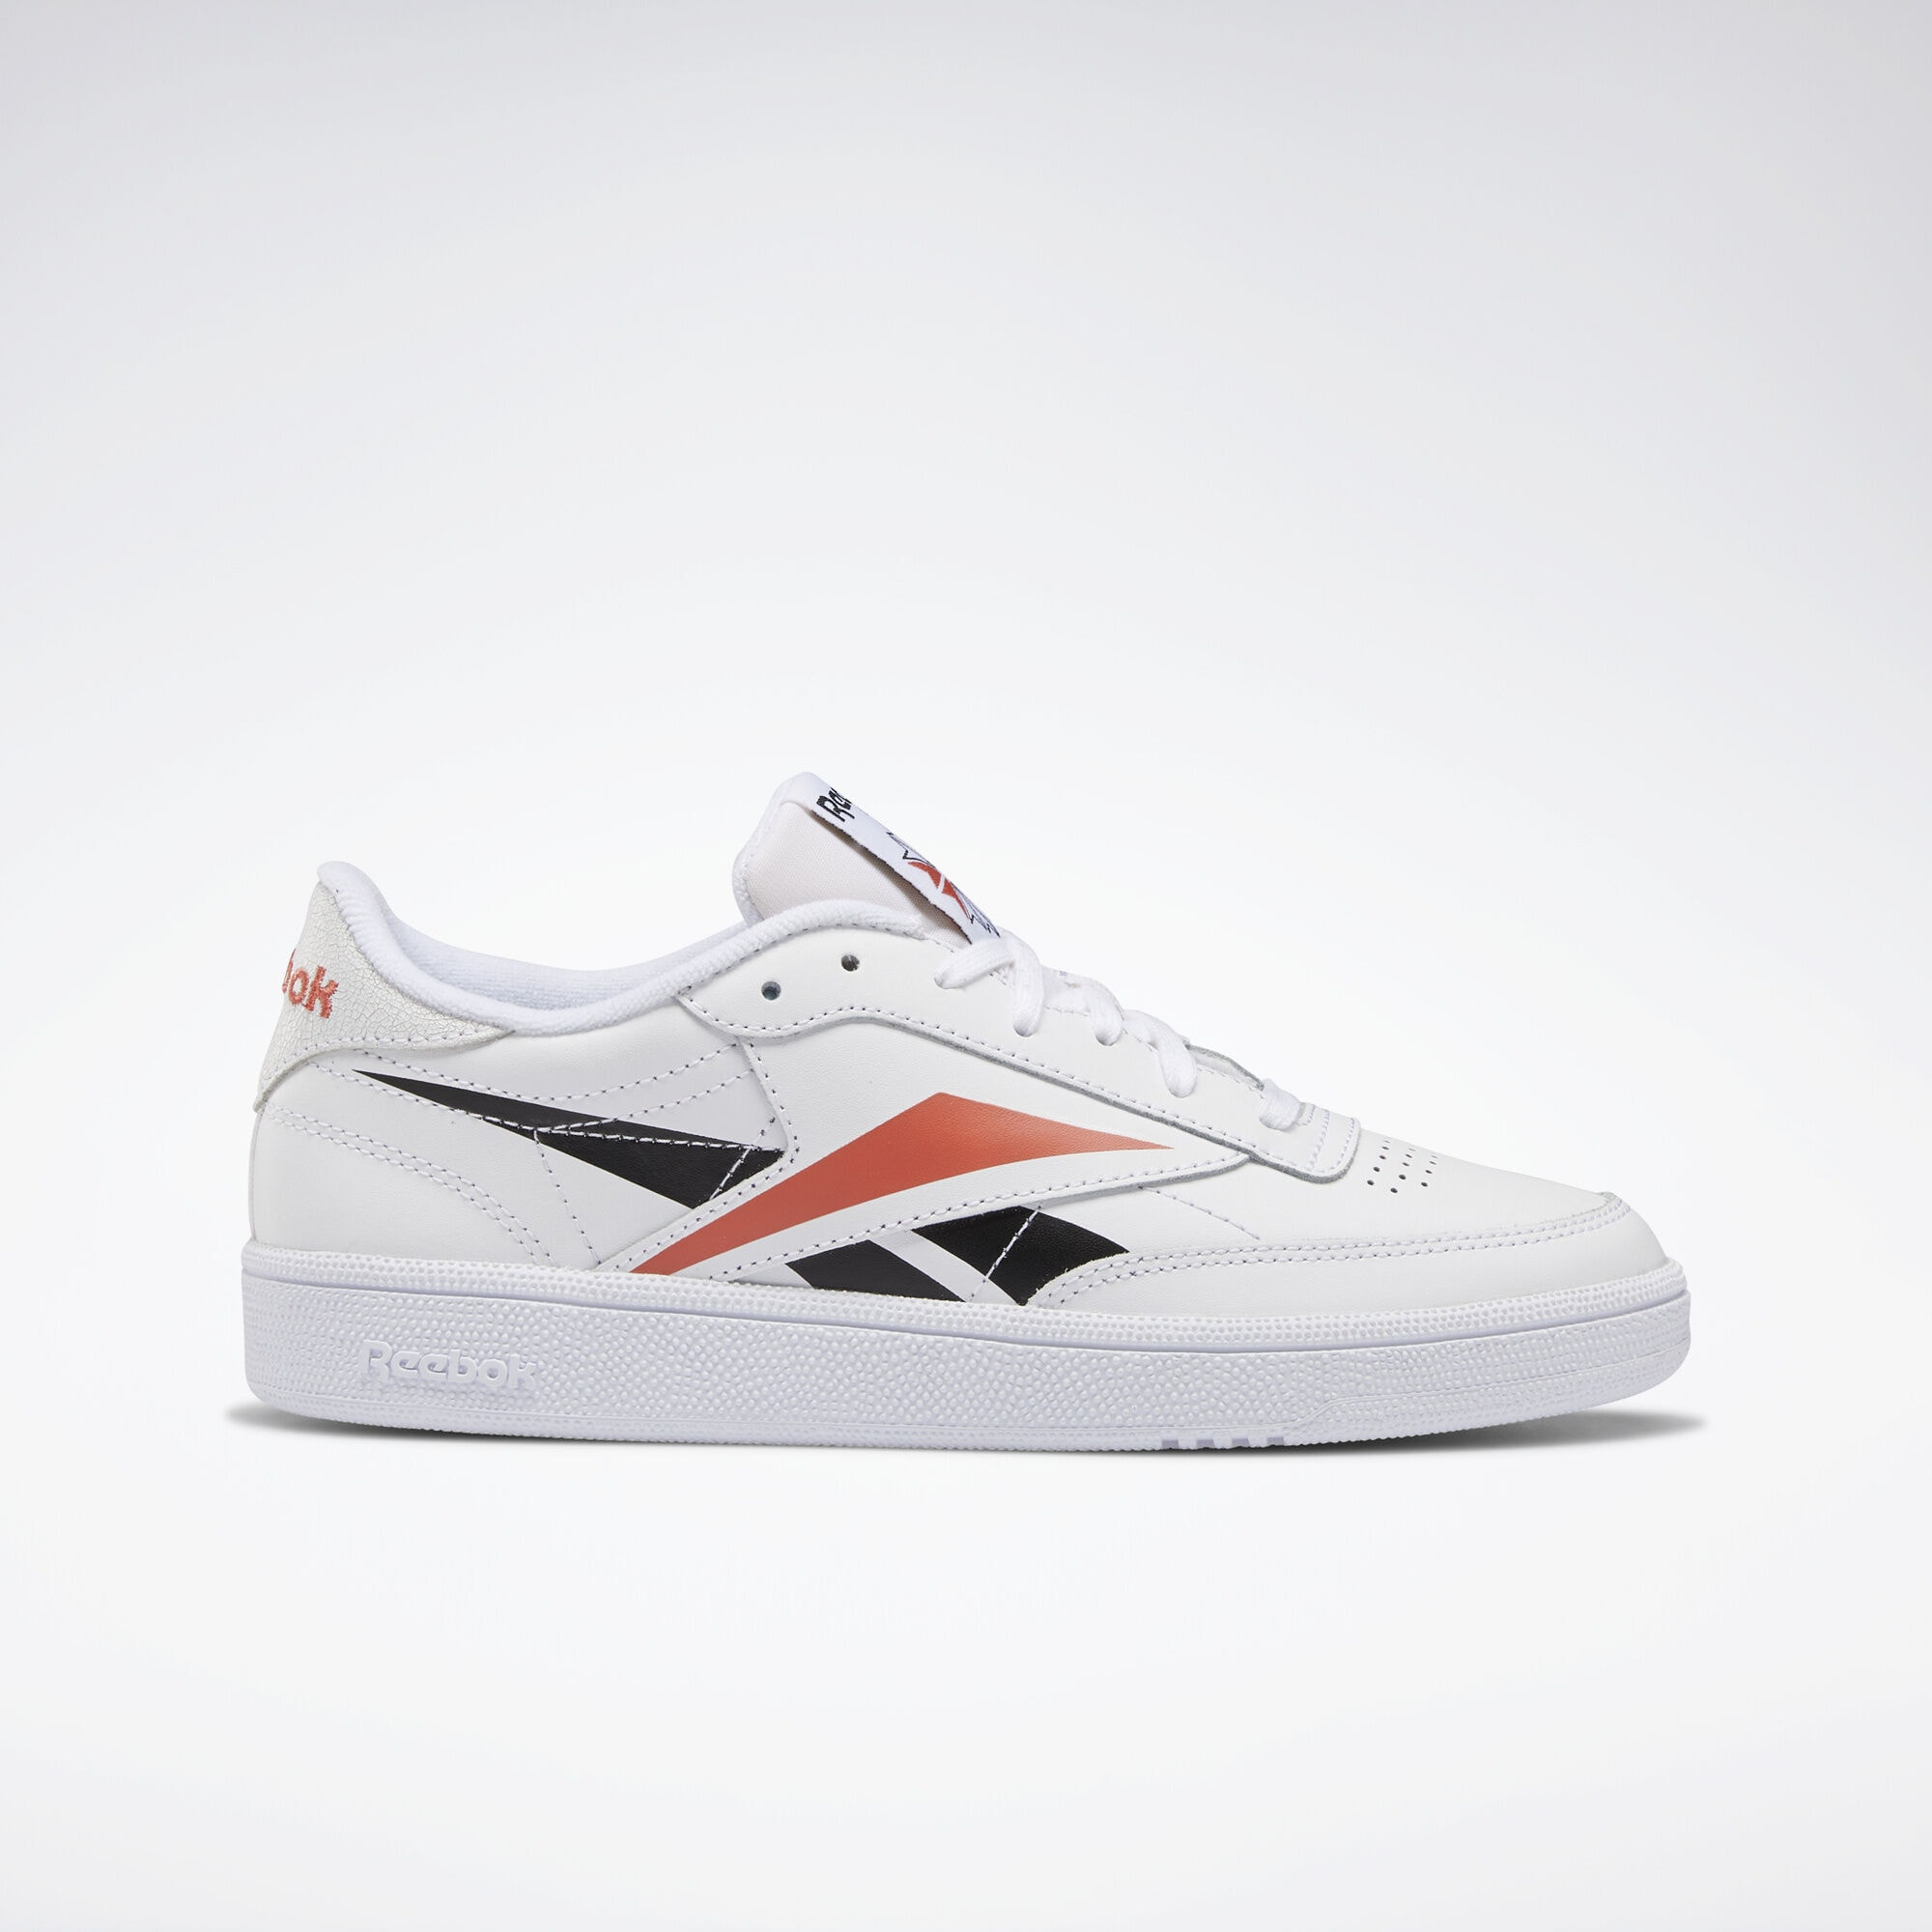 Damen Reebok Classic Sneaker blau, orange, weiß, bordeaux, rot, weiß | 04051043965746